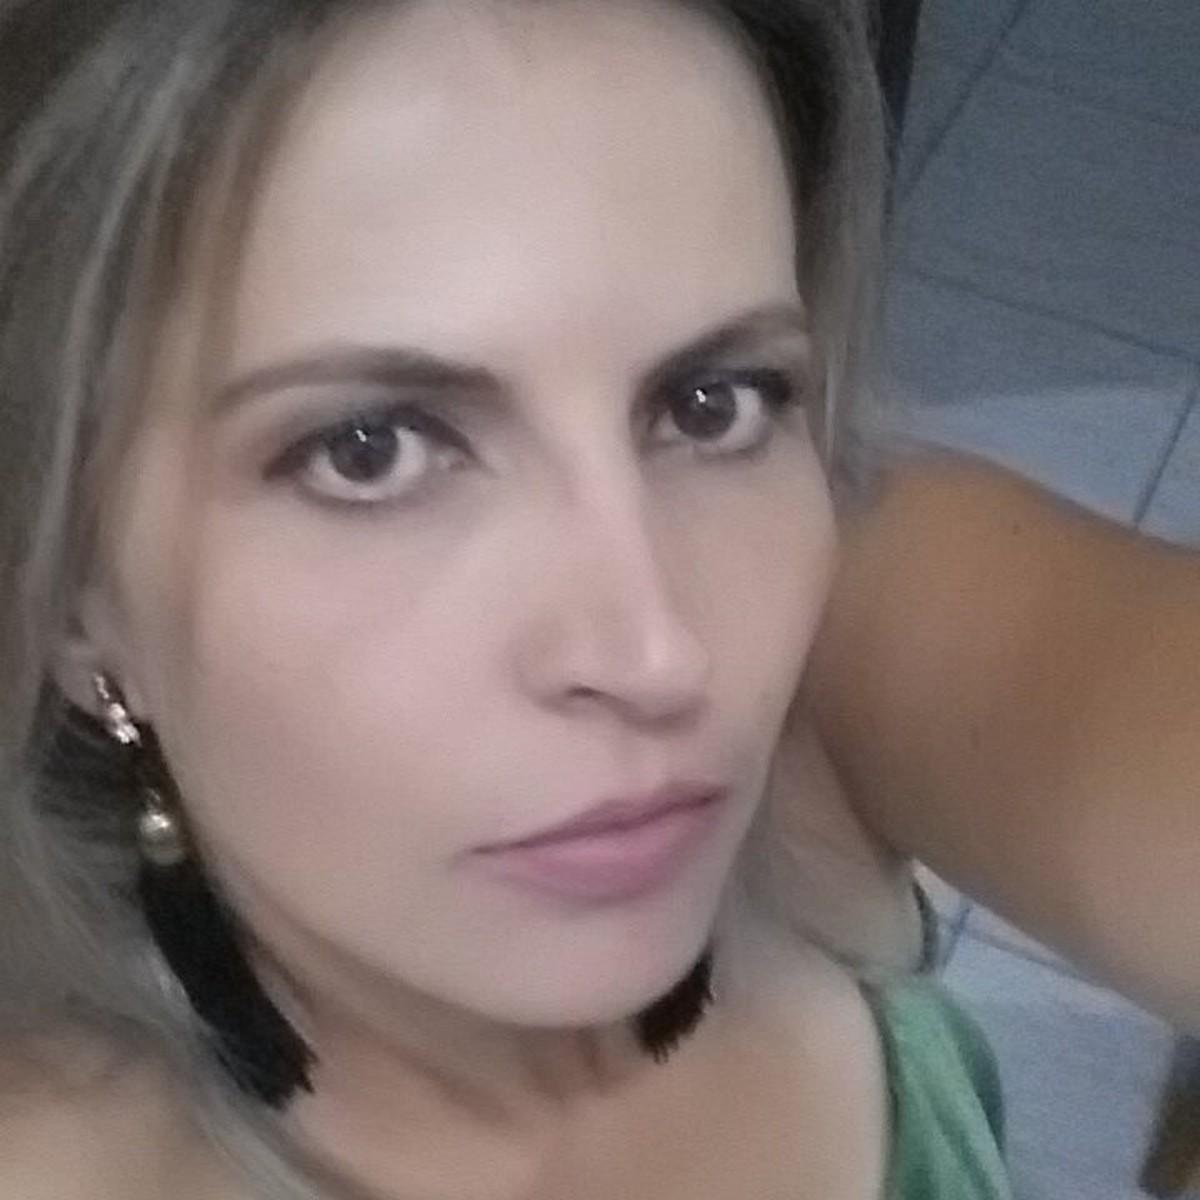 Mulher morta com 71 facadas em assalto trabalhava como motorista de app havia um ano: 'Filhos ficaram acabados', diz irmão